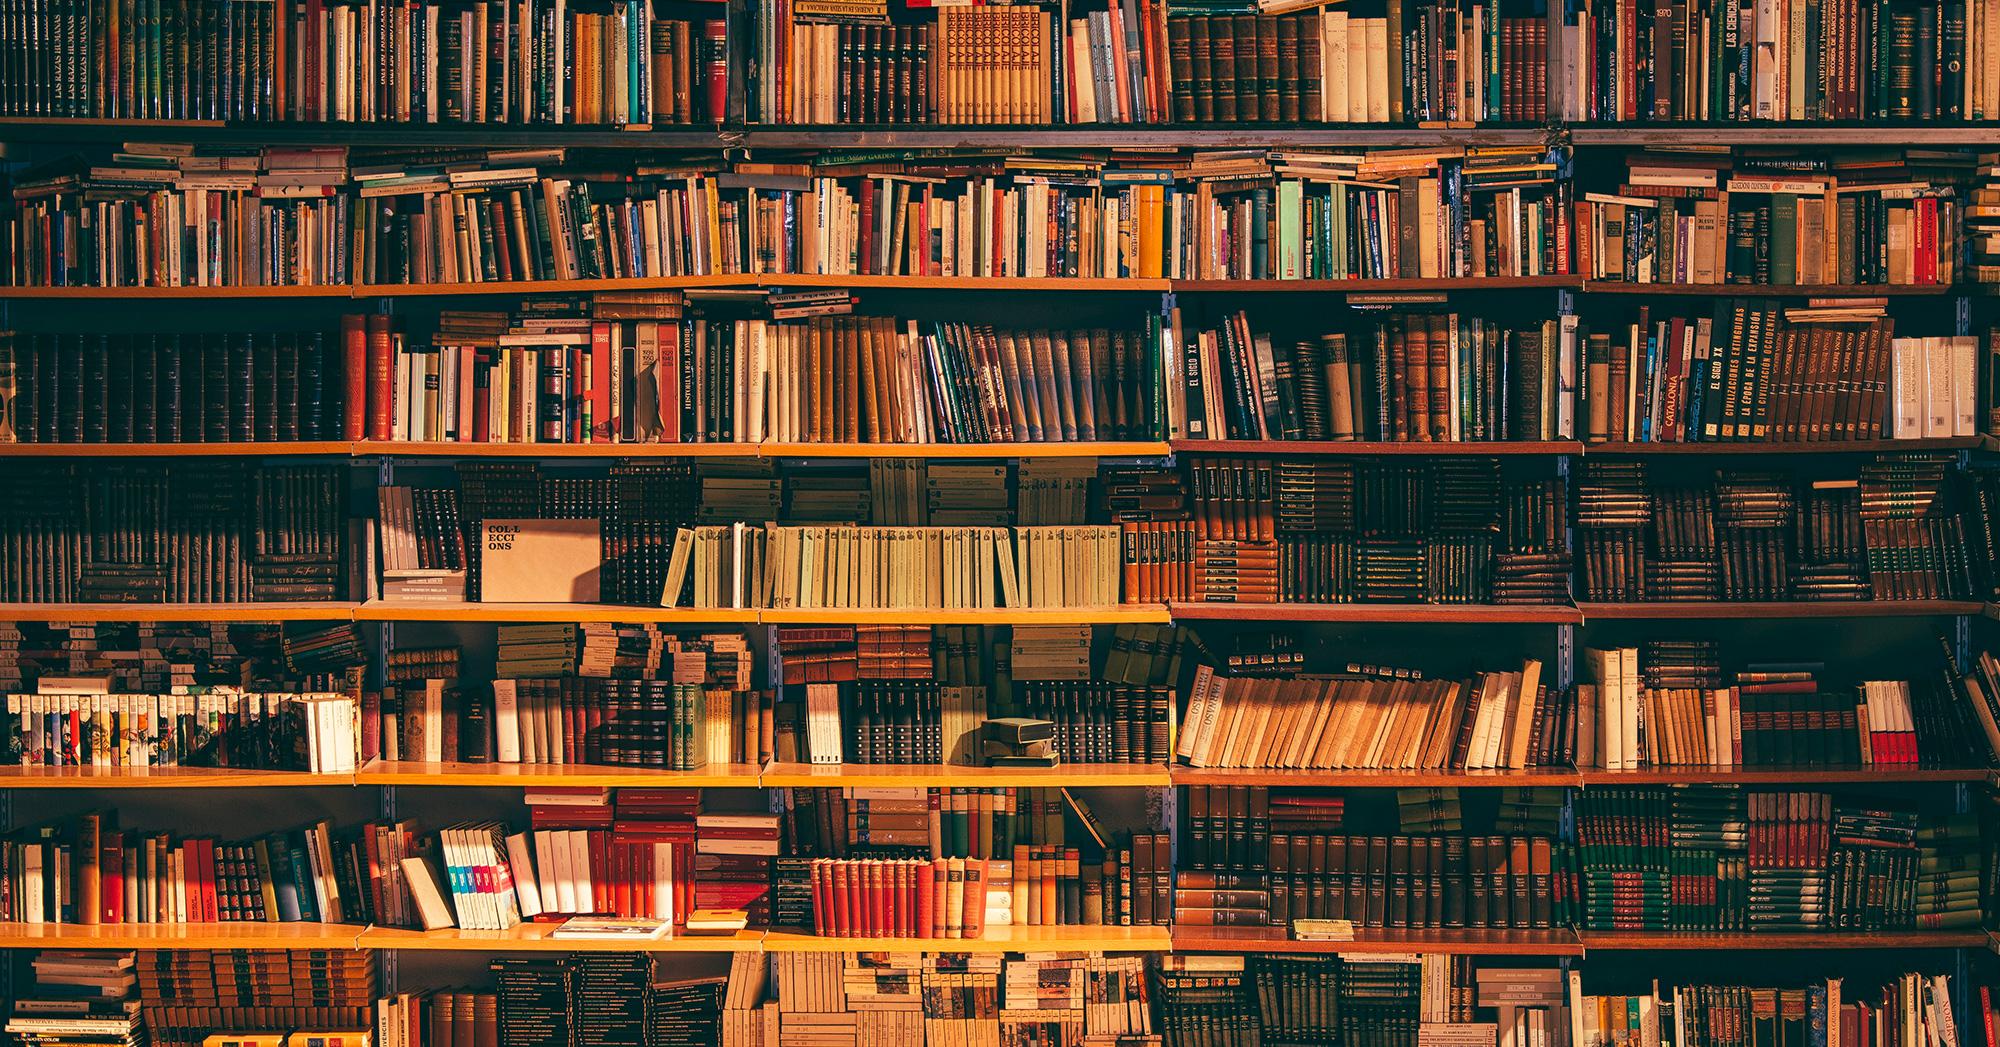 Vista frontale di una libreria in legno piena di libri